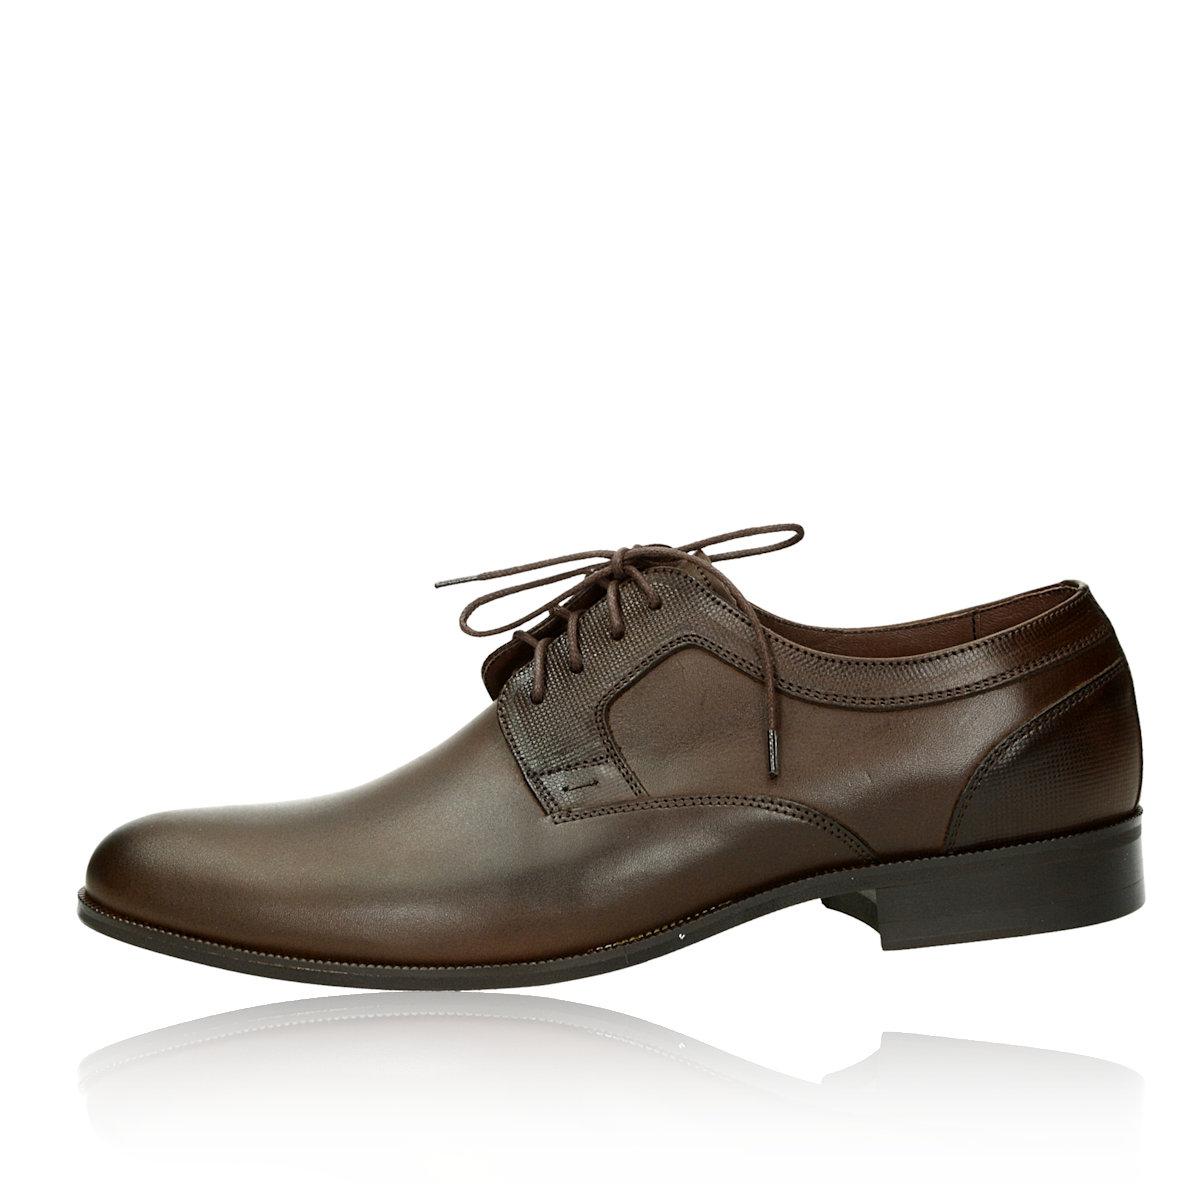 ... Faber pánské kožené společenské boty - tmavohnědé ... 769bc9b8a1